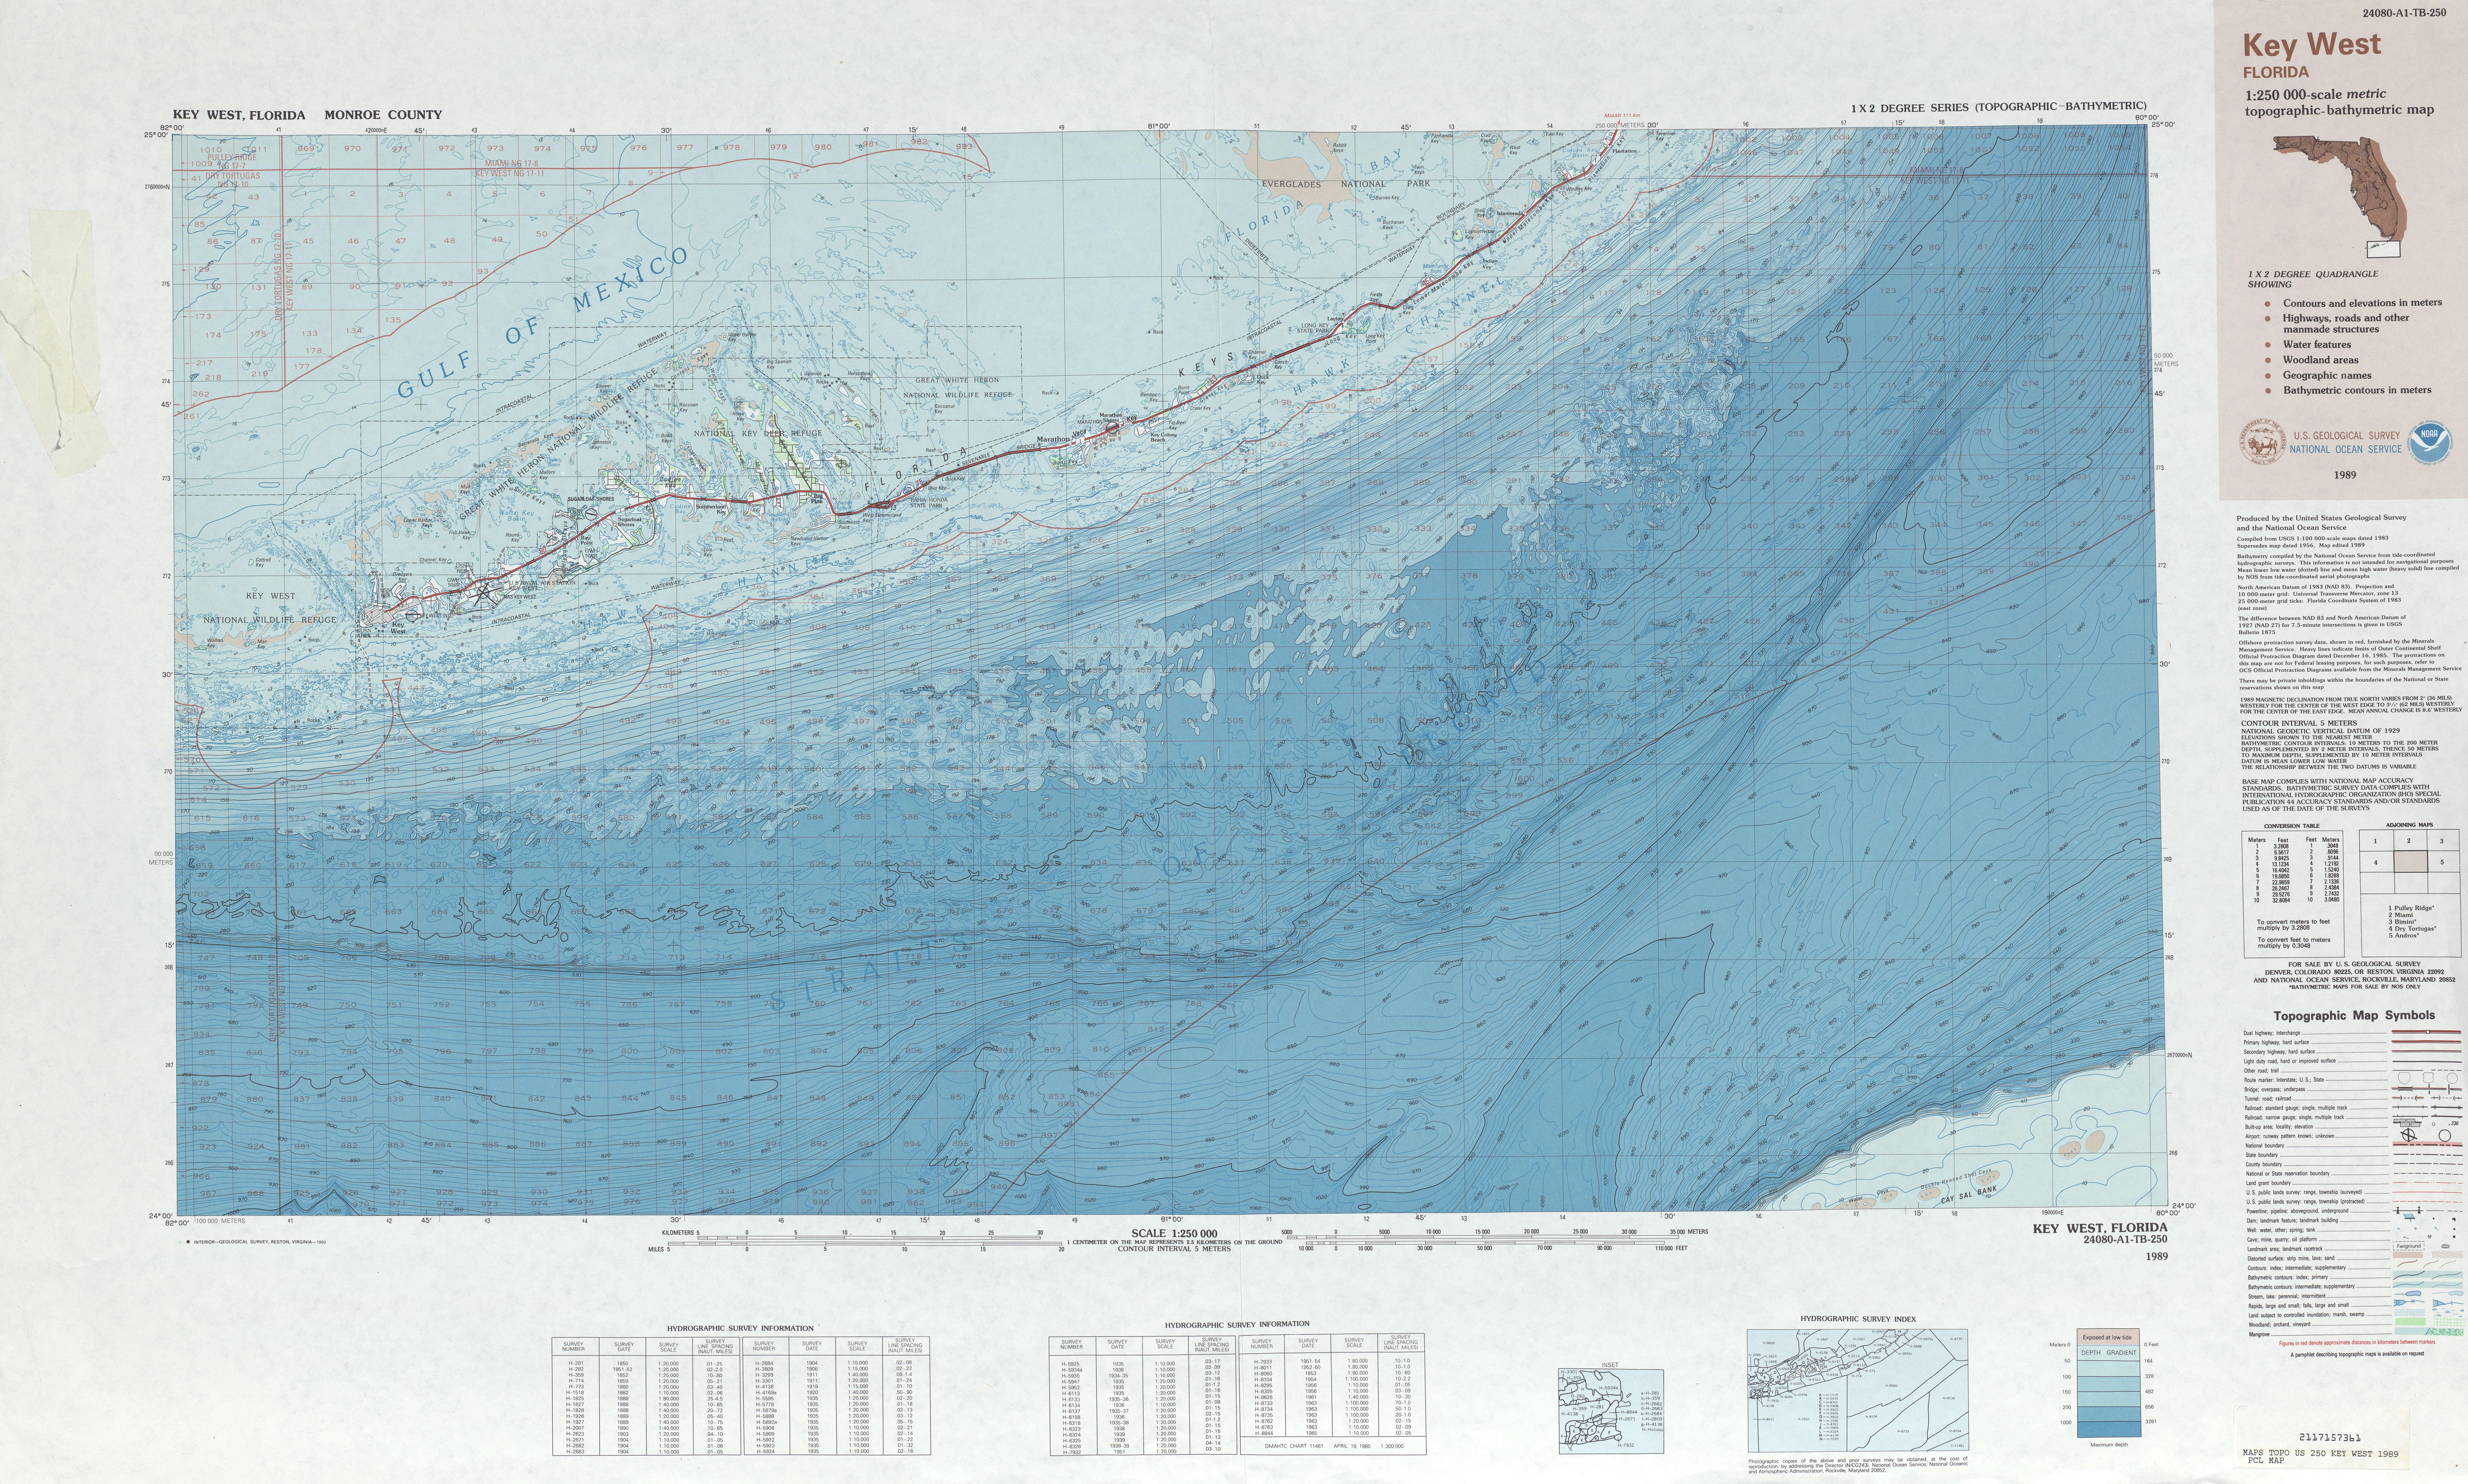 Key West Topographic-Bathymetric Map Sheet, United States 1989